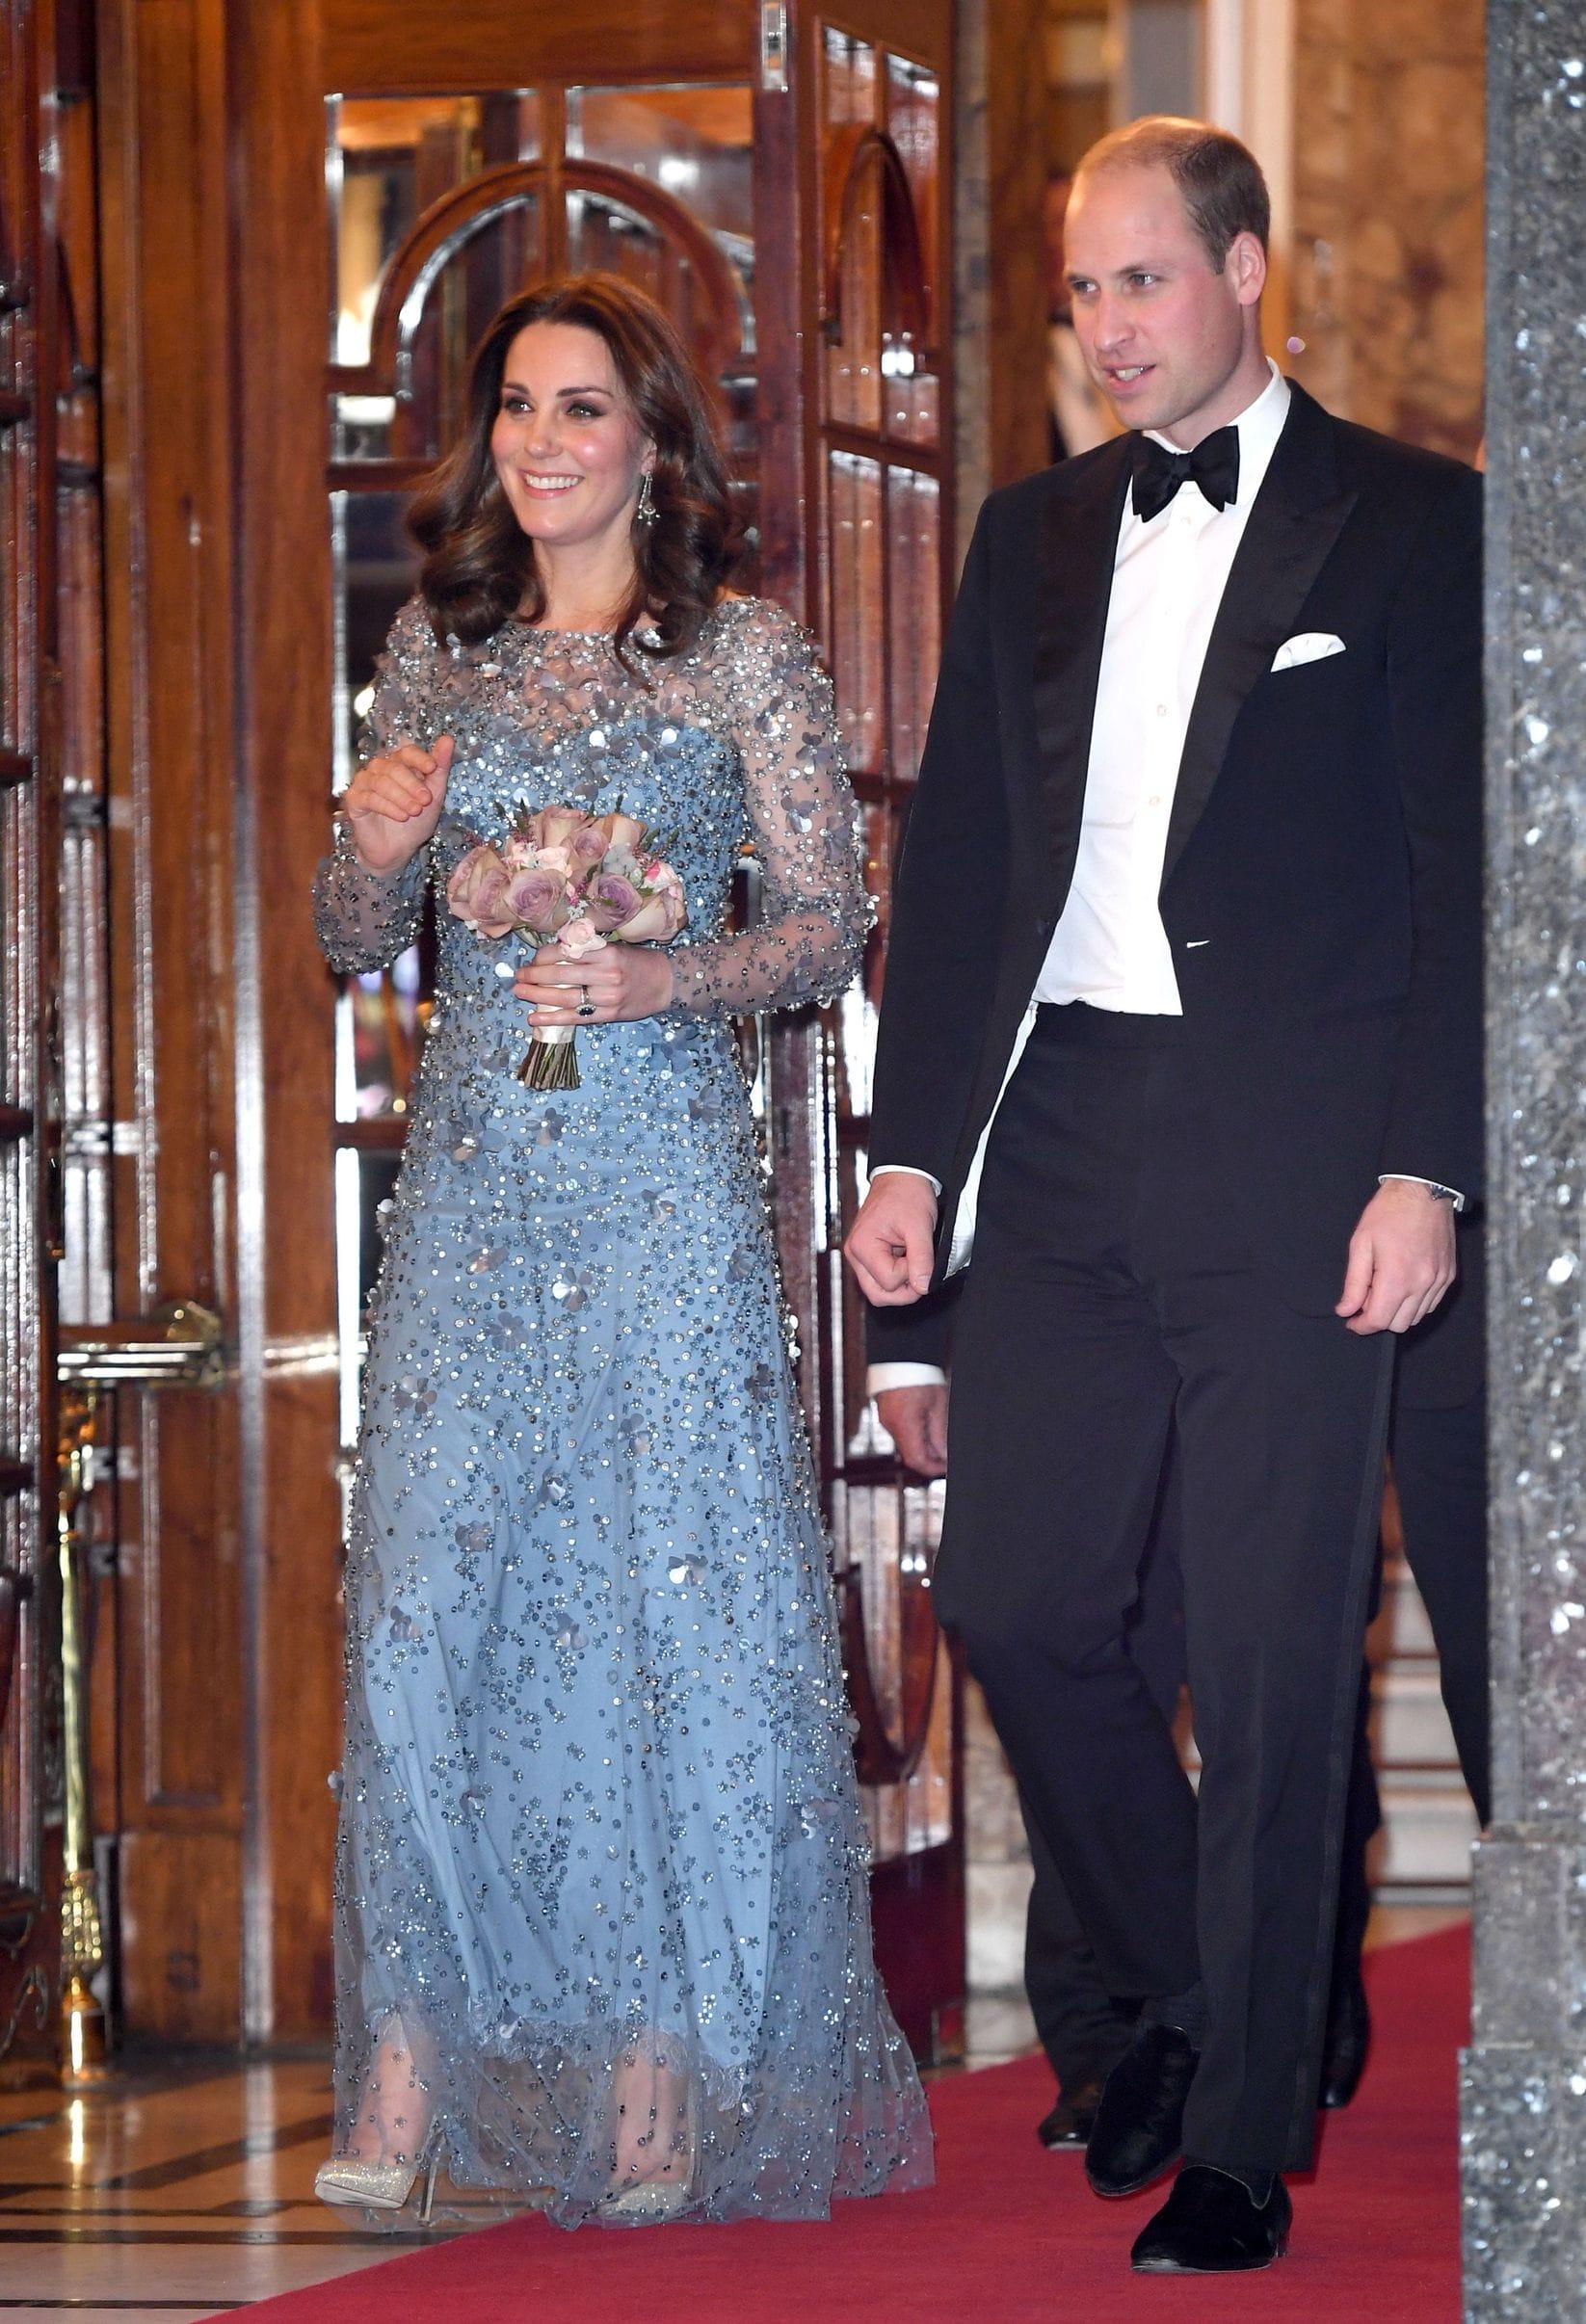 """f6b29fc3fc431 Geçtiğimiz şubat ayında Norveç Kraliyet Sarayı'ndaki resmi akşam yemeği  için, Düşes, """"Alexander McQueen"""" imzalı somon rengi, pelerin detaylı bir  elbise ..."""